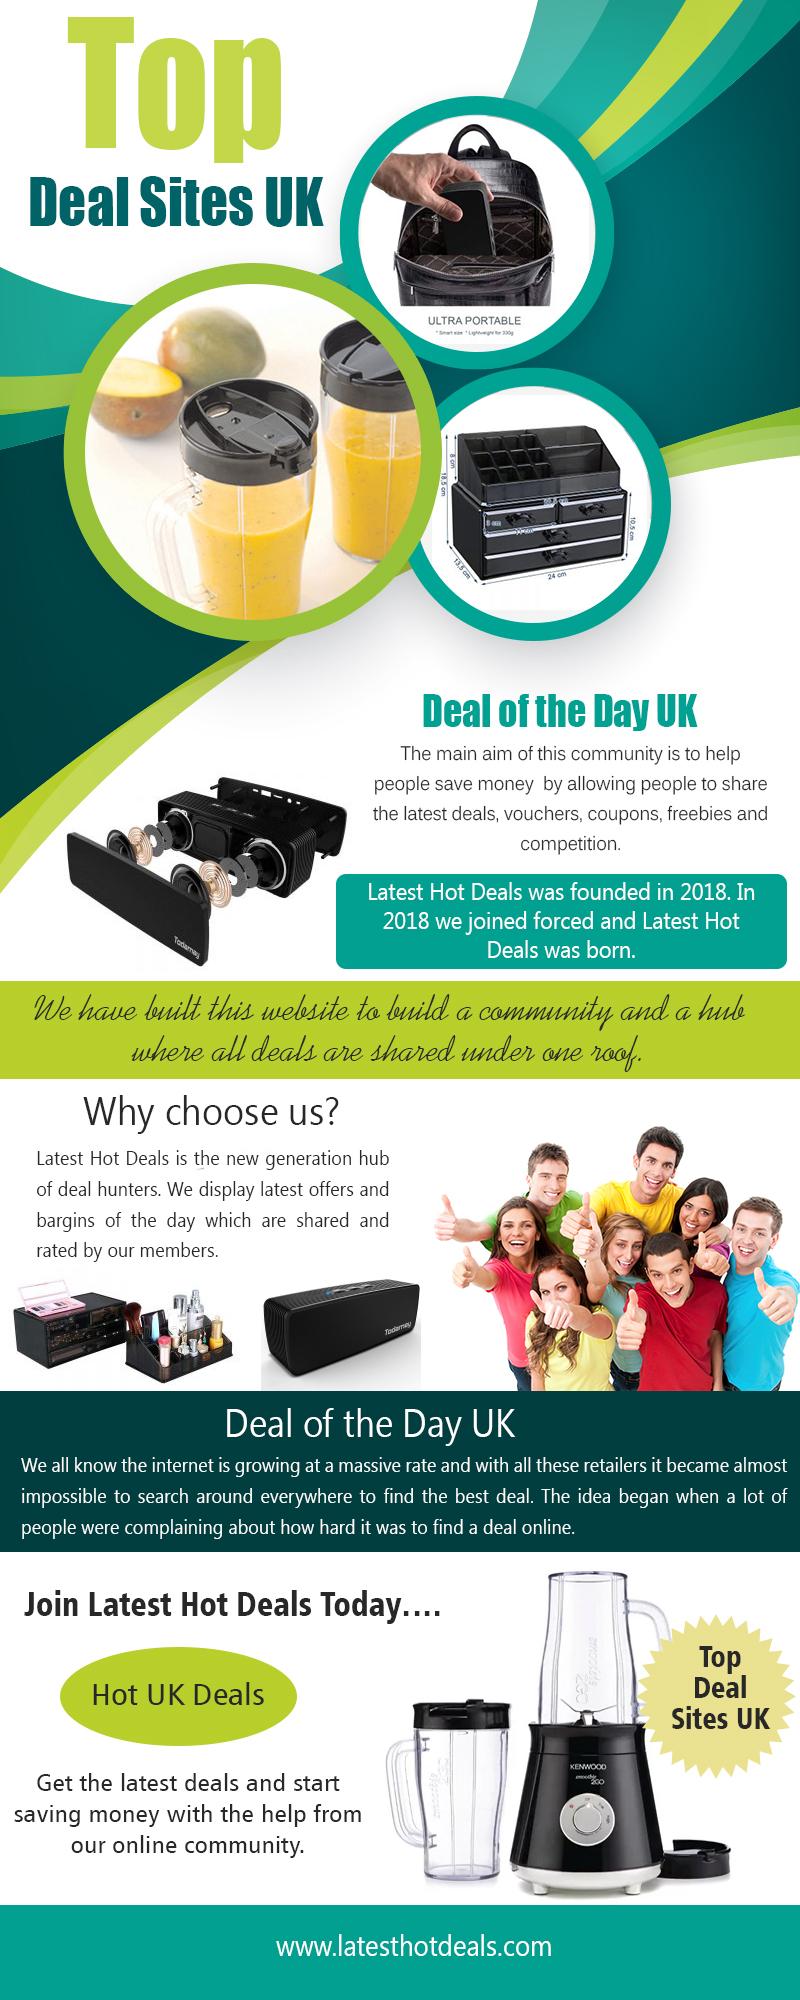 Top Deal Sites UK